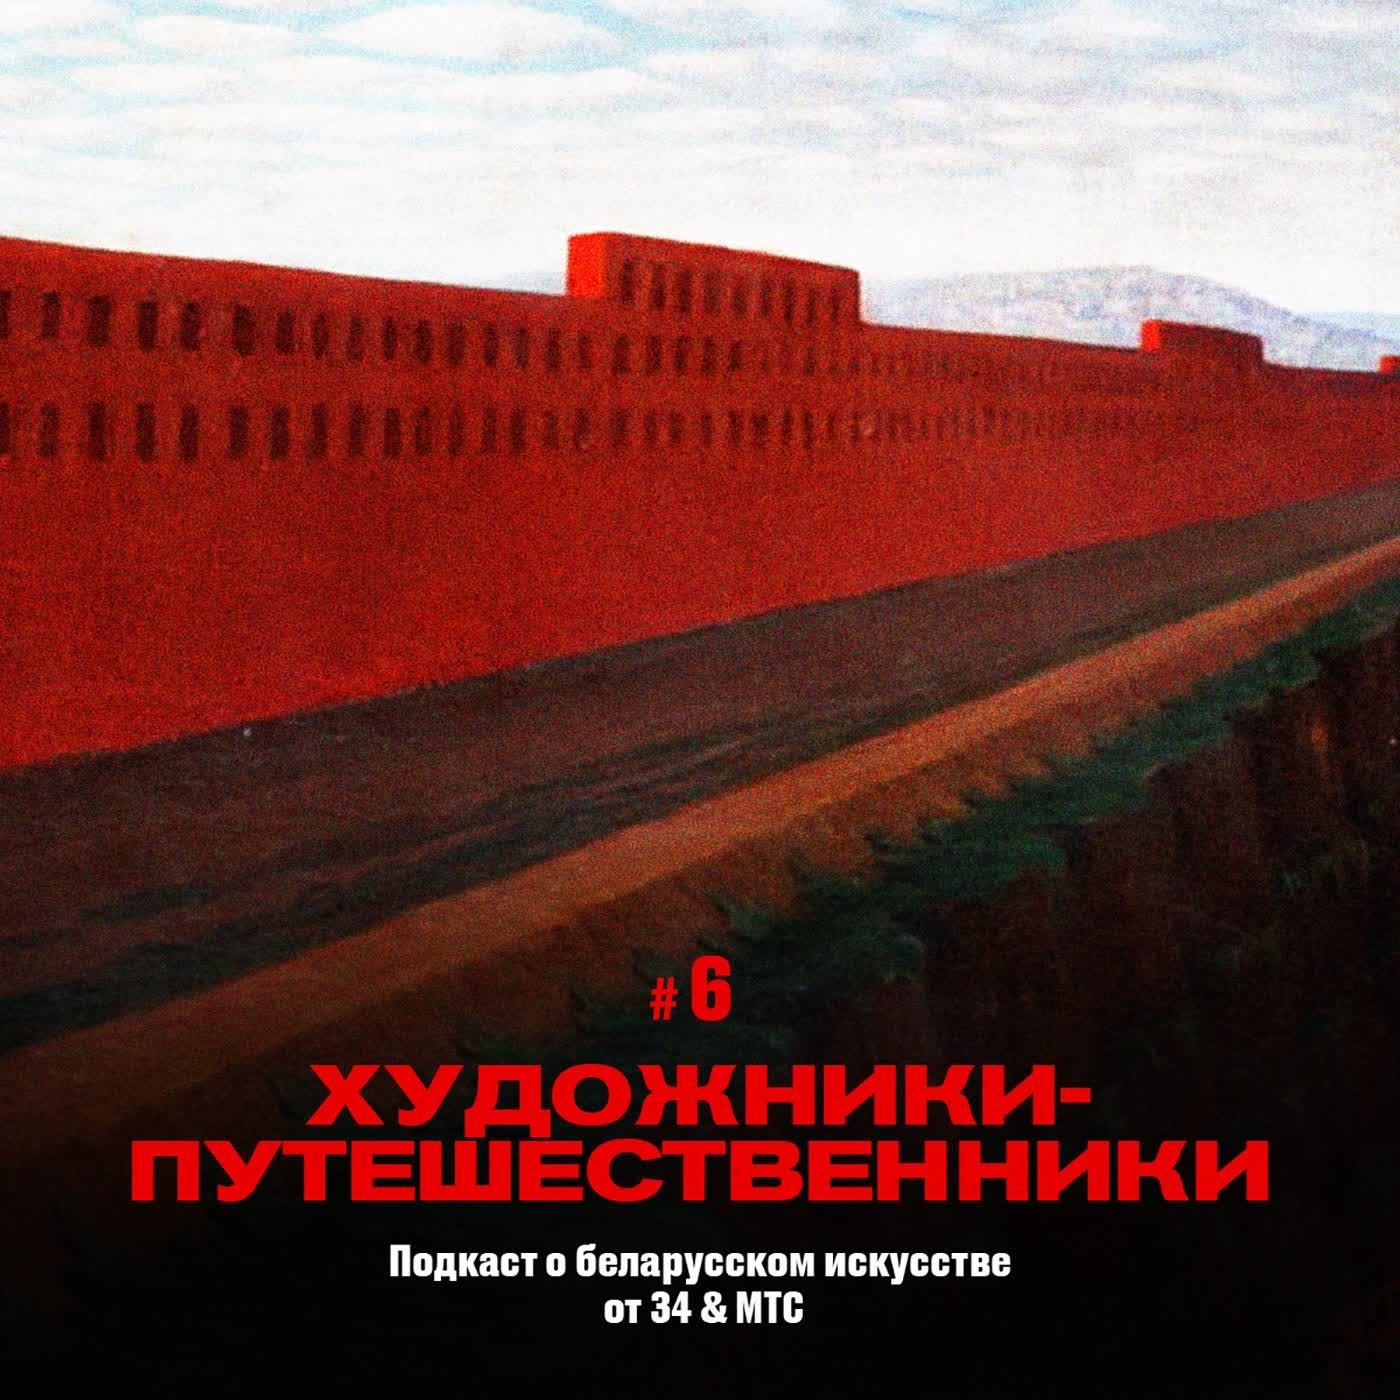 6 / Искусство Беларуси: Художники-путешественники (подкаст от 34 & МТС)